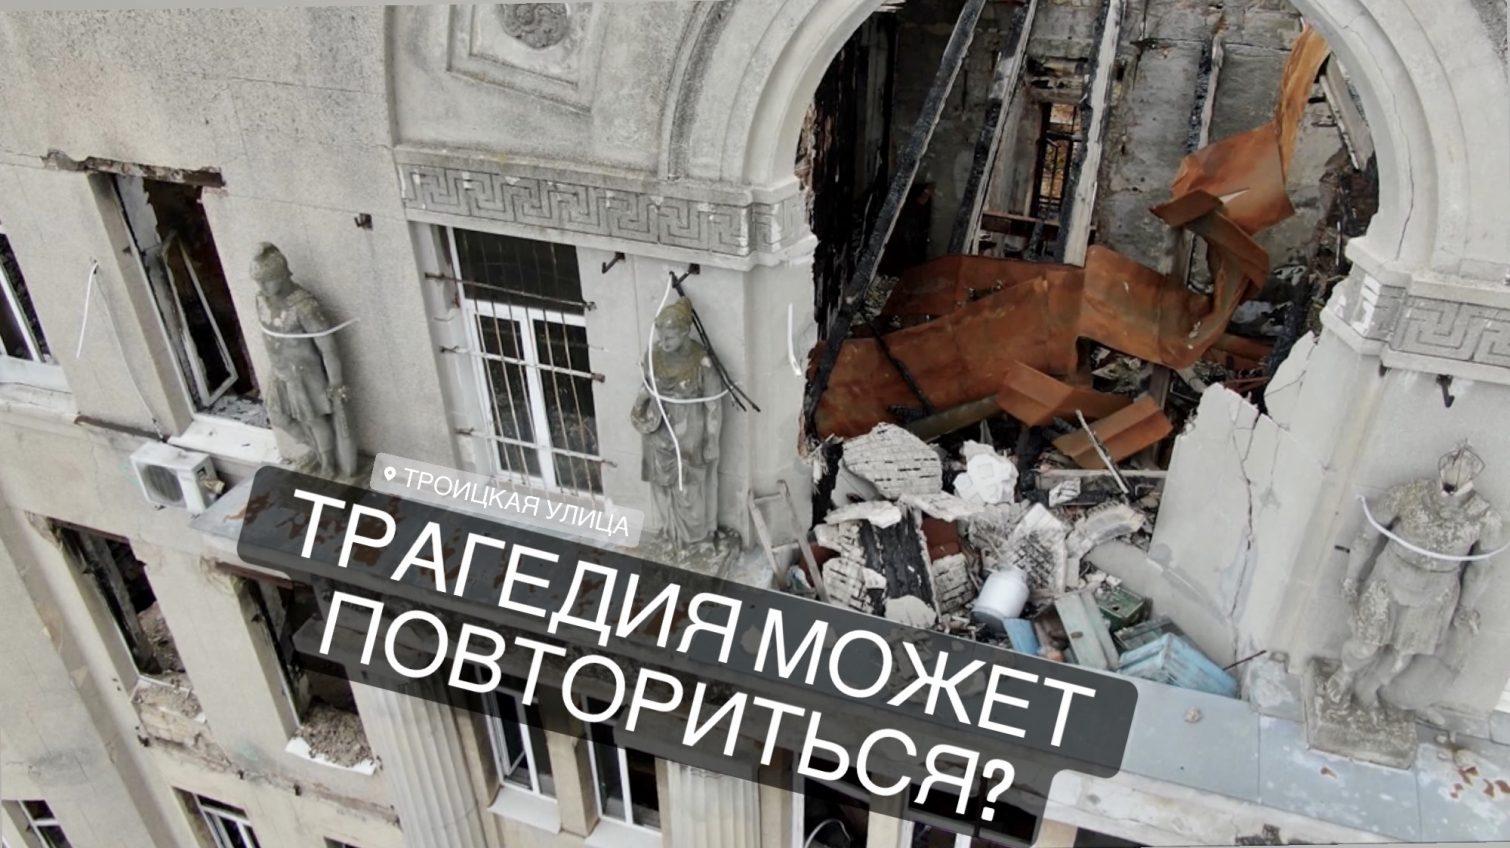 Год Троицкой – трагедия может повториться? (видео) «фото»